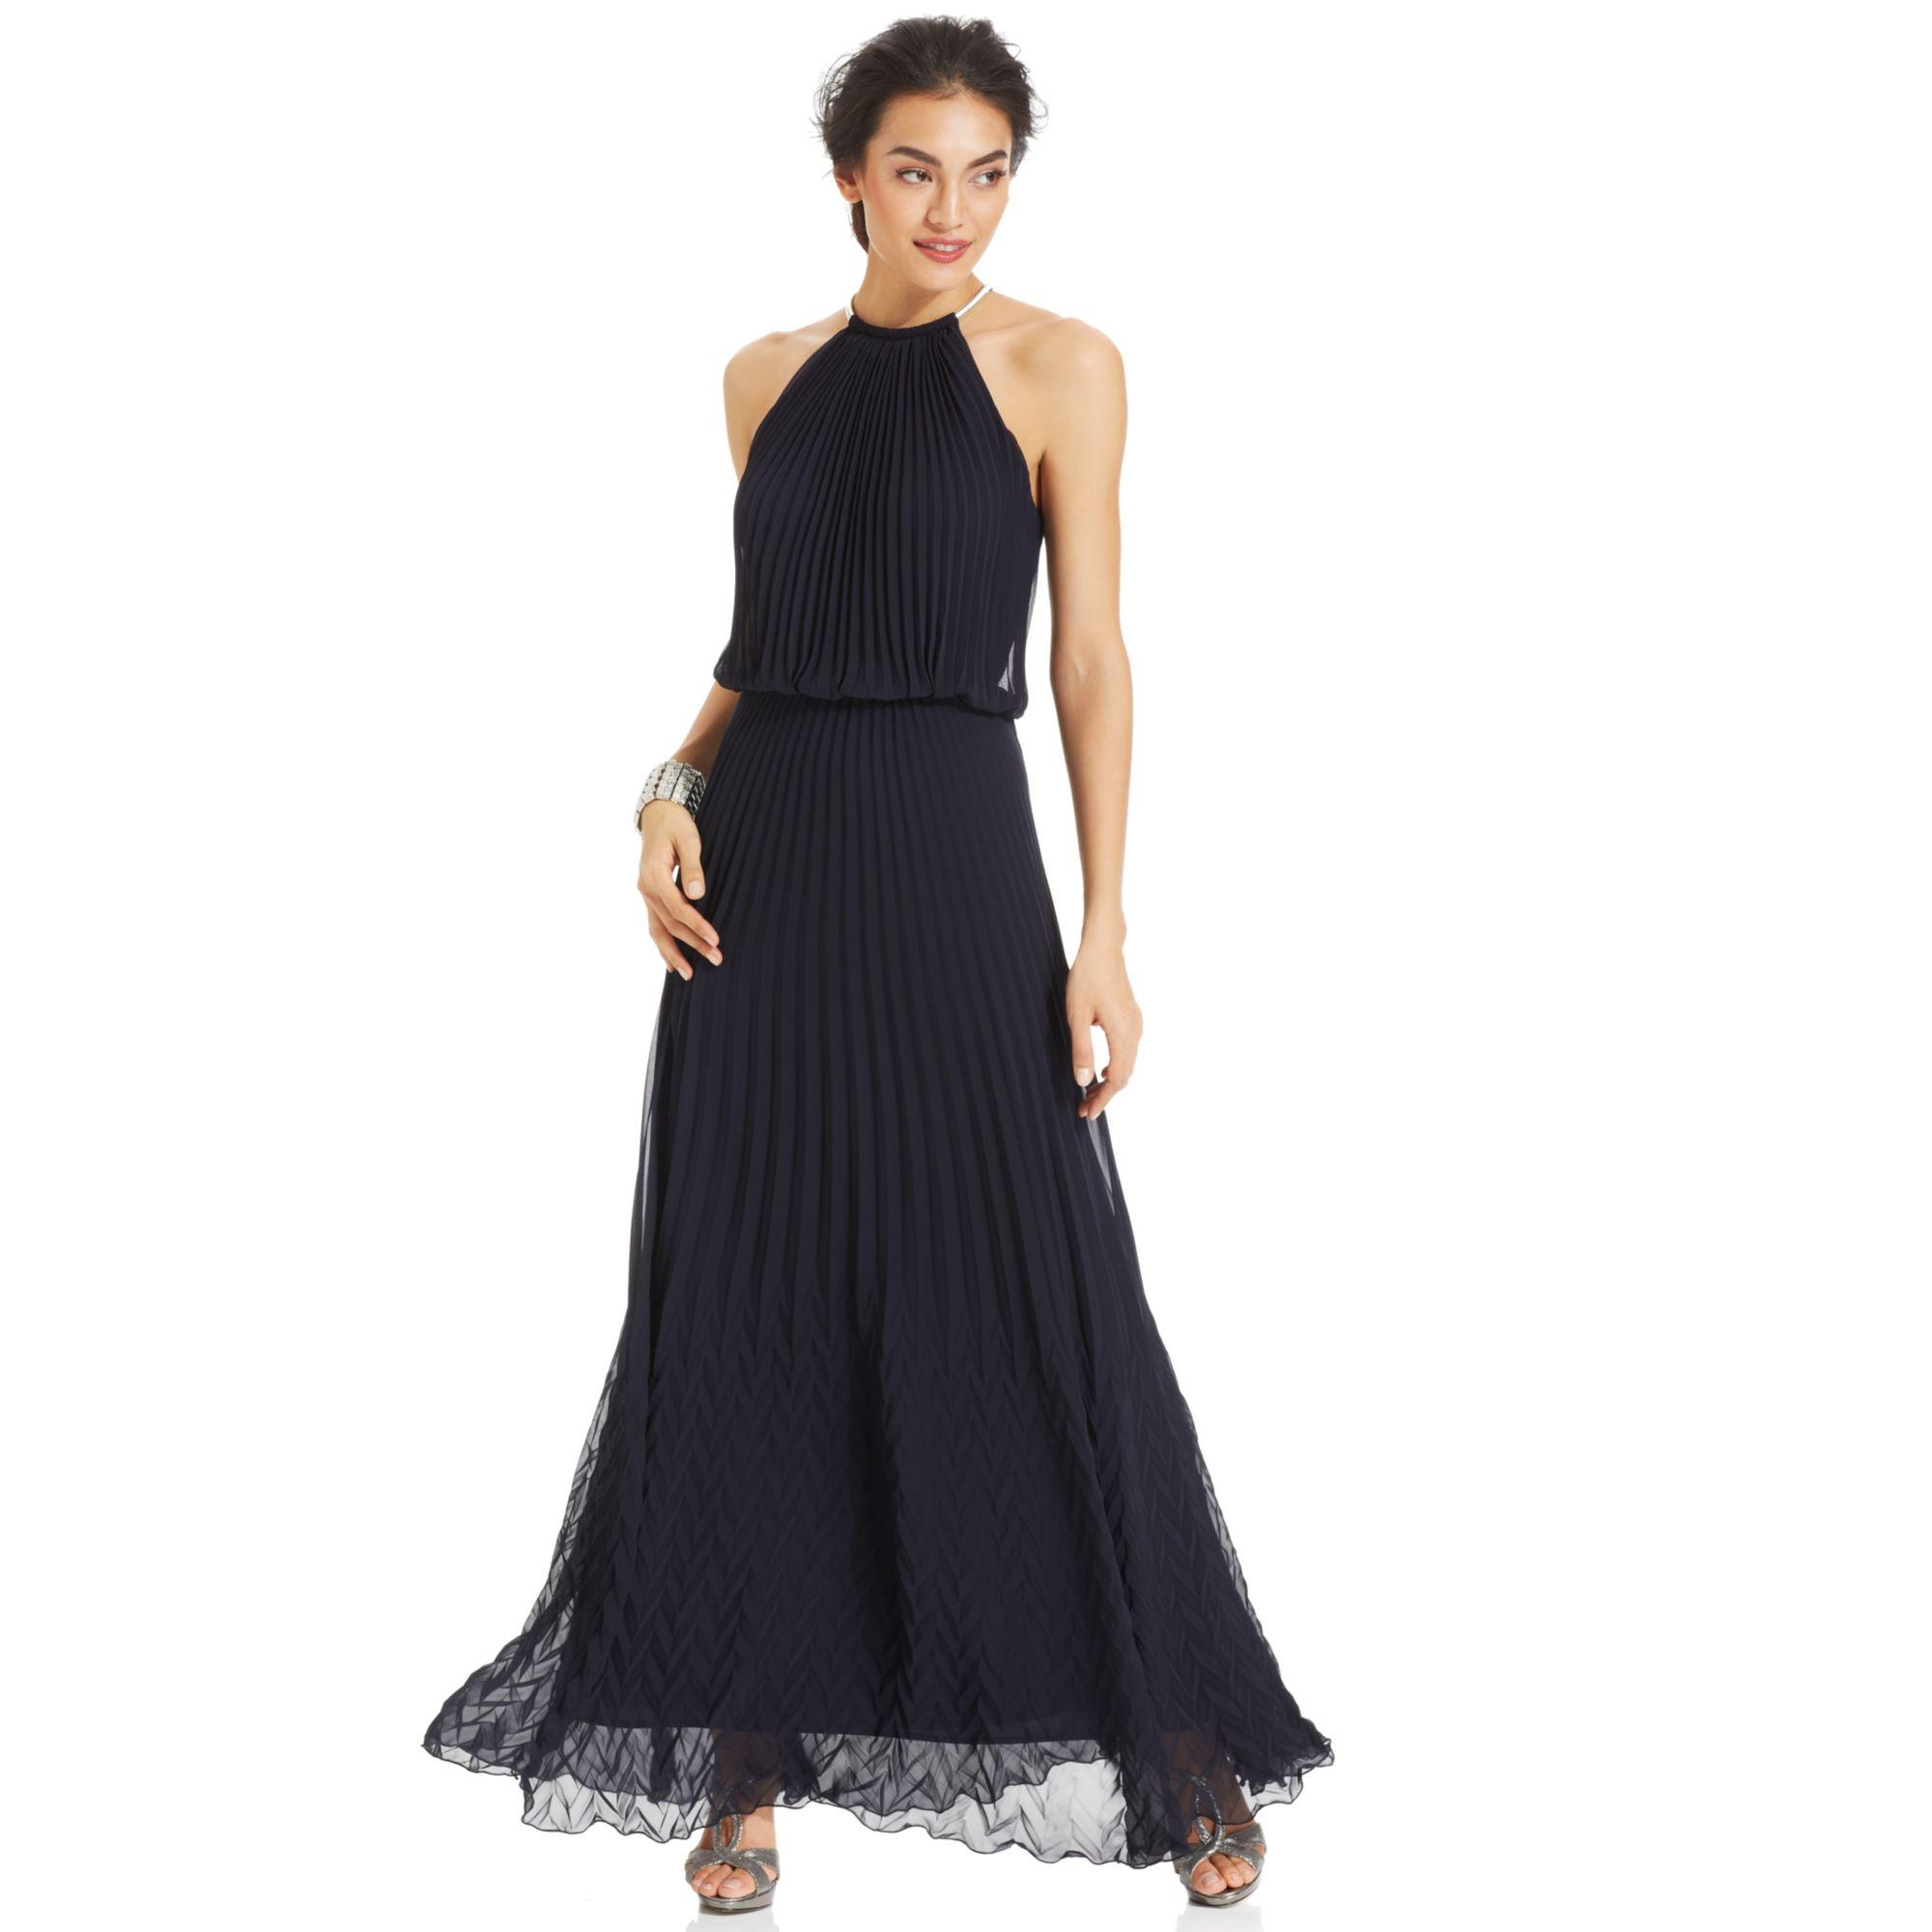 Xscape Blouson Dress | Dress images